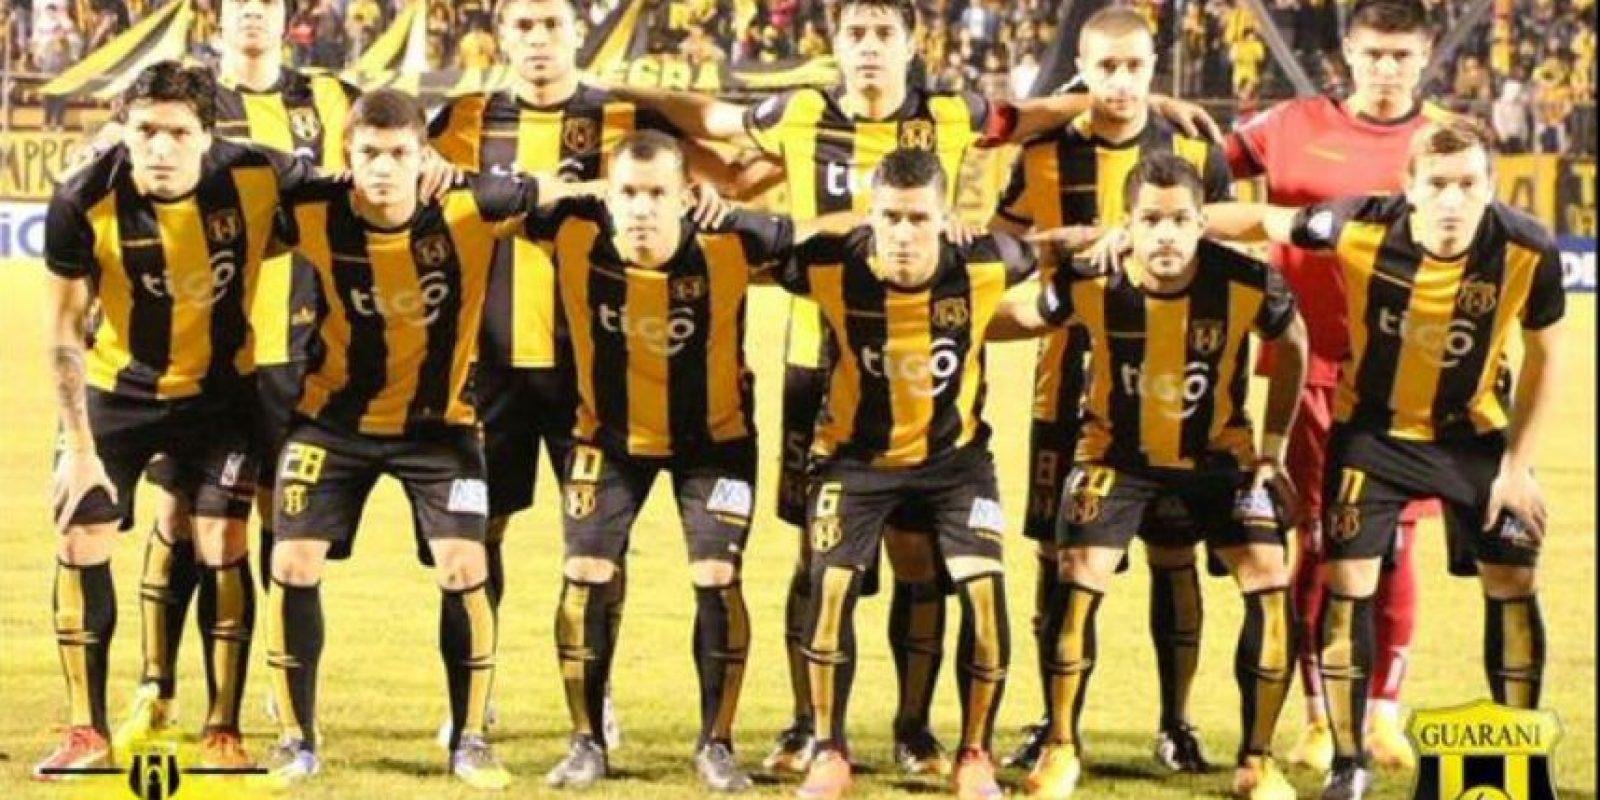 Superaron a Corinthians y Racing en octavos y cuartos de final, respectivamente Foto:Vía twitter.com/ClubGuarani